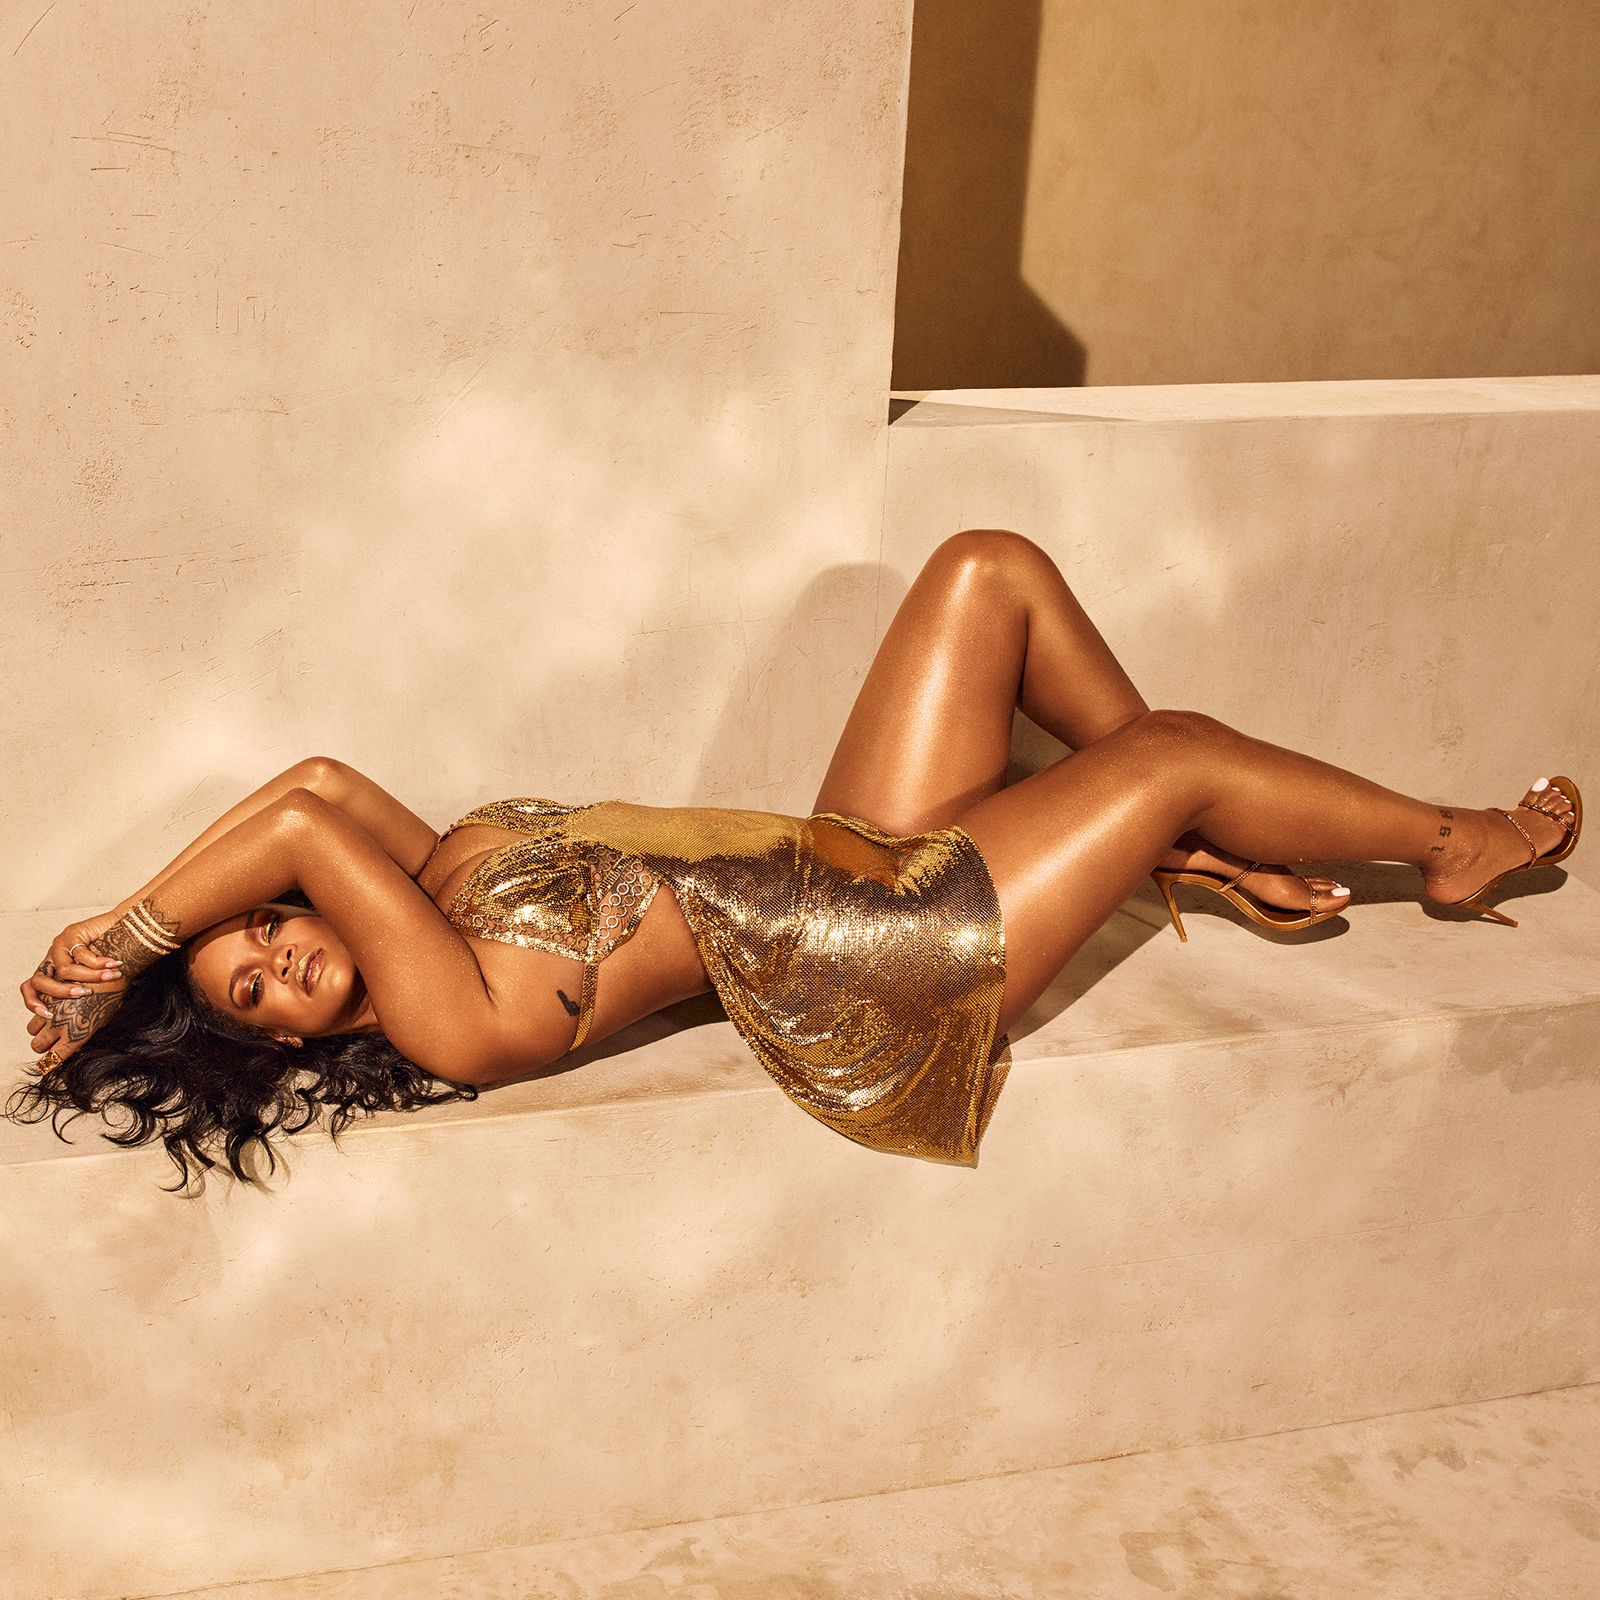 Rihanna / Fenty Beauty